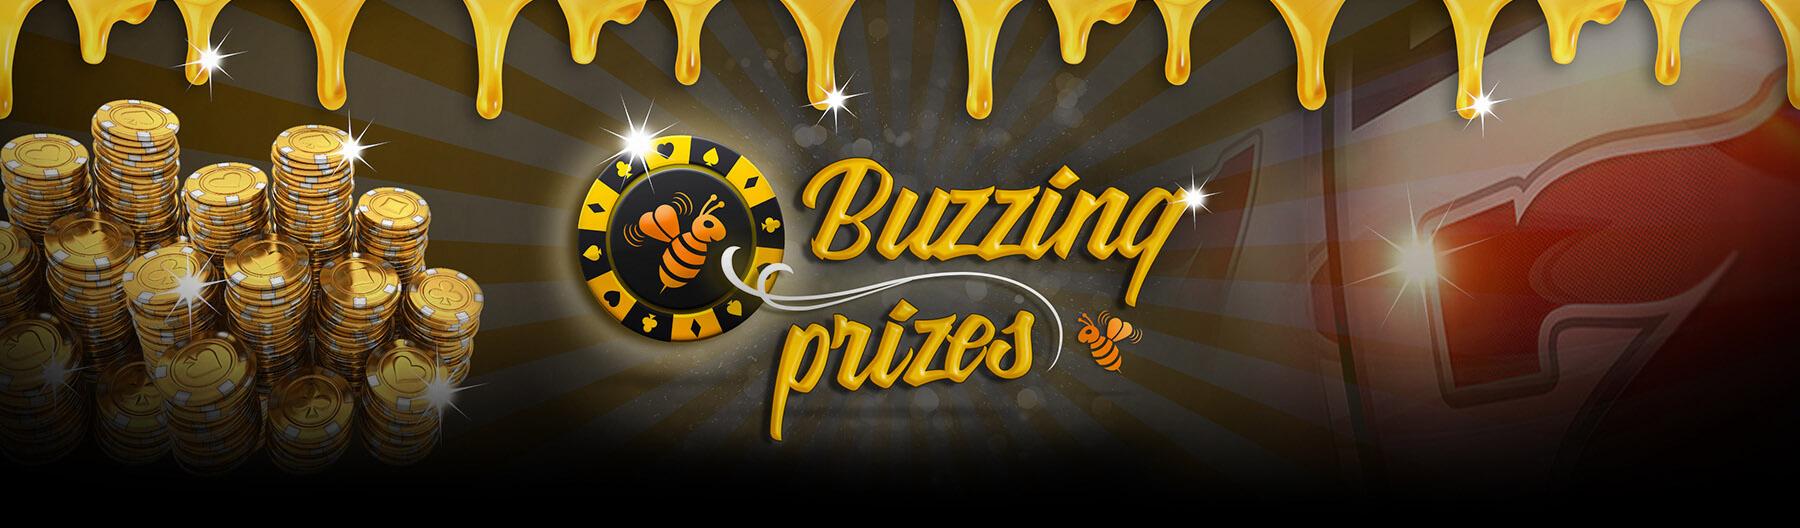 BuzzingPrizes